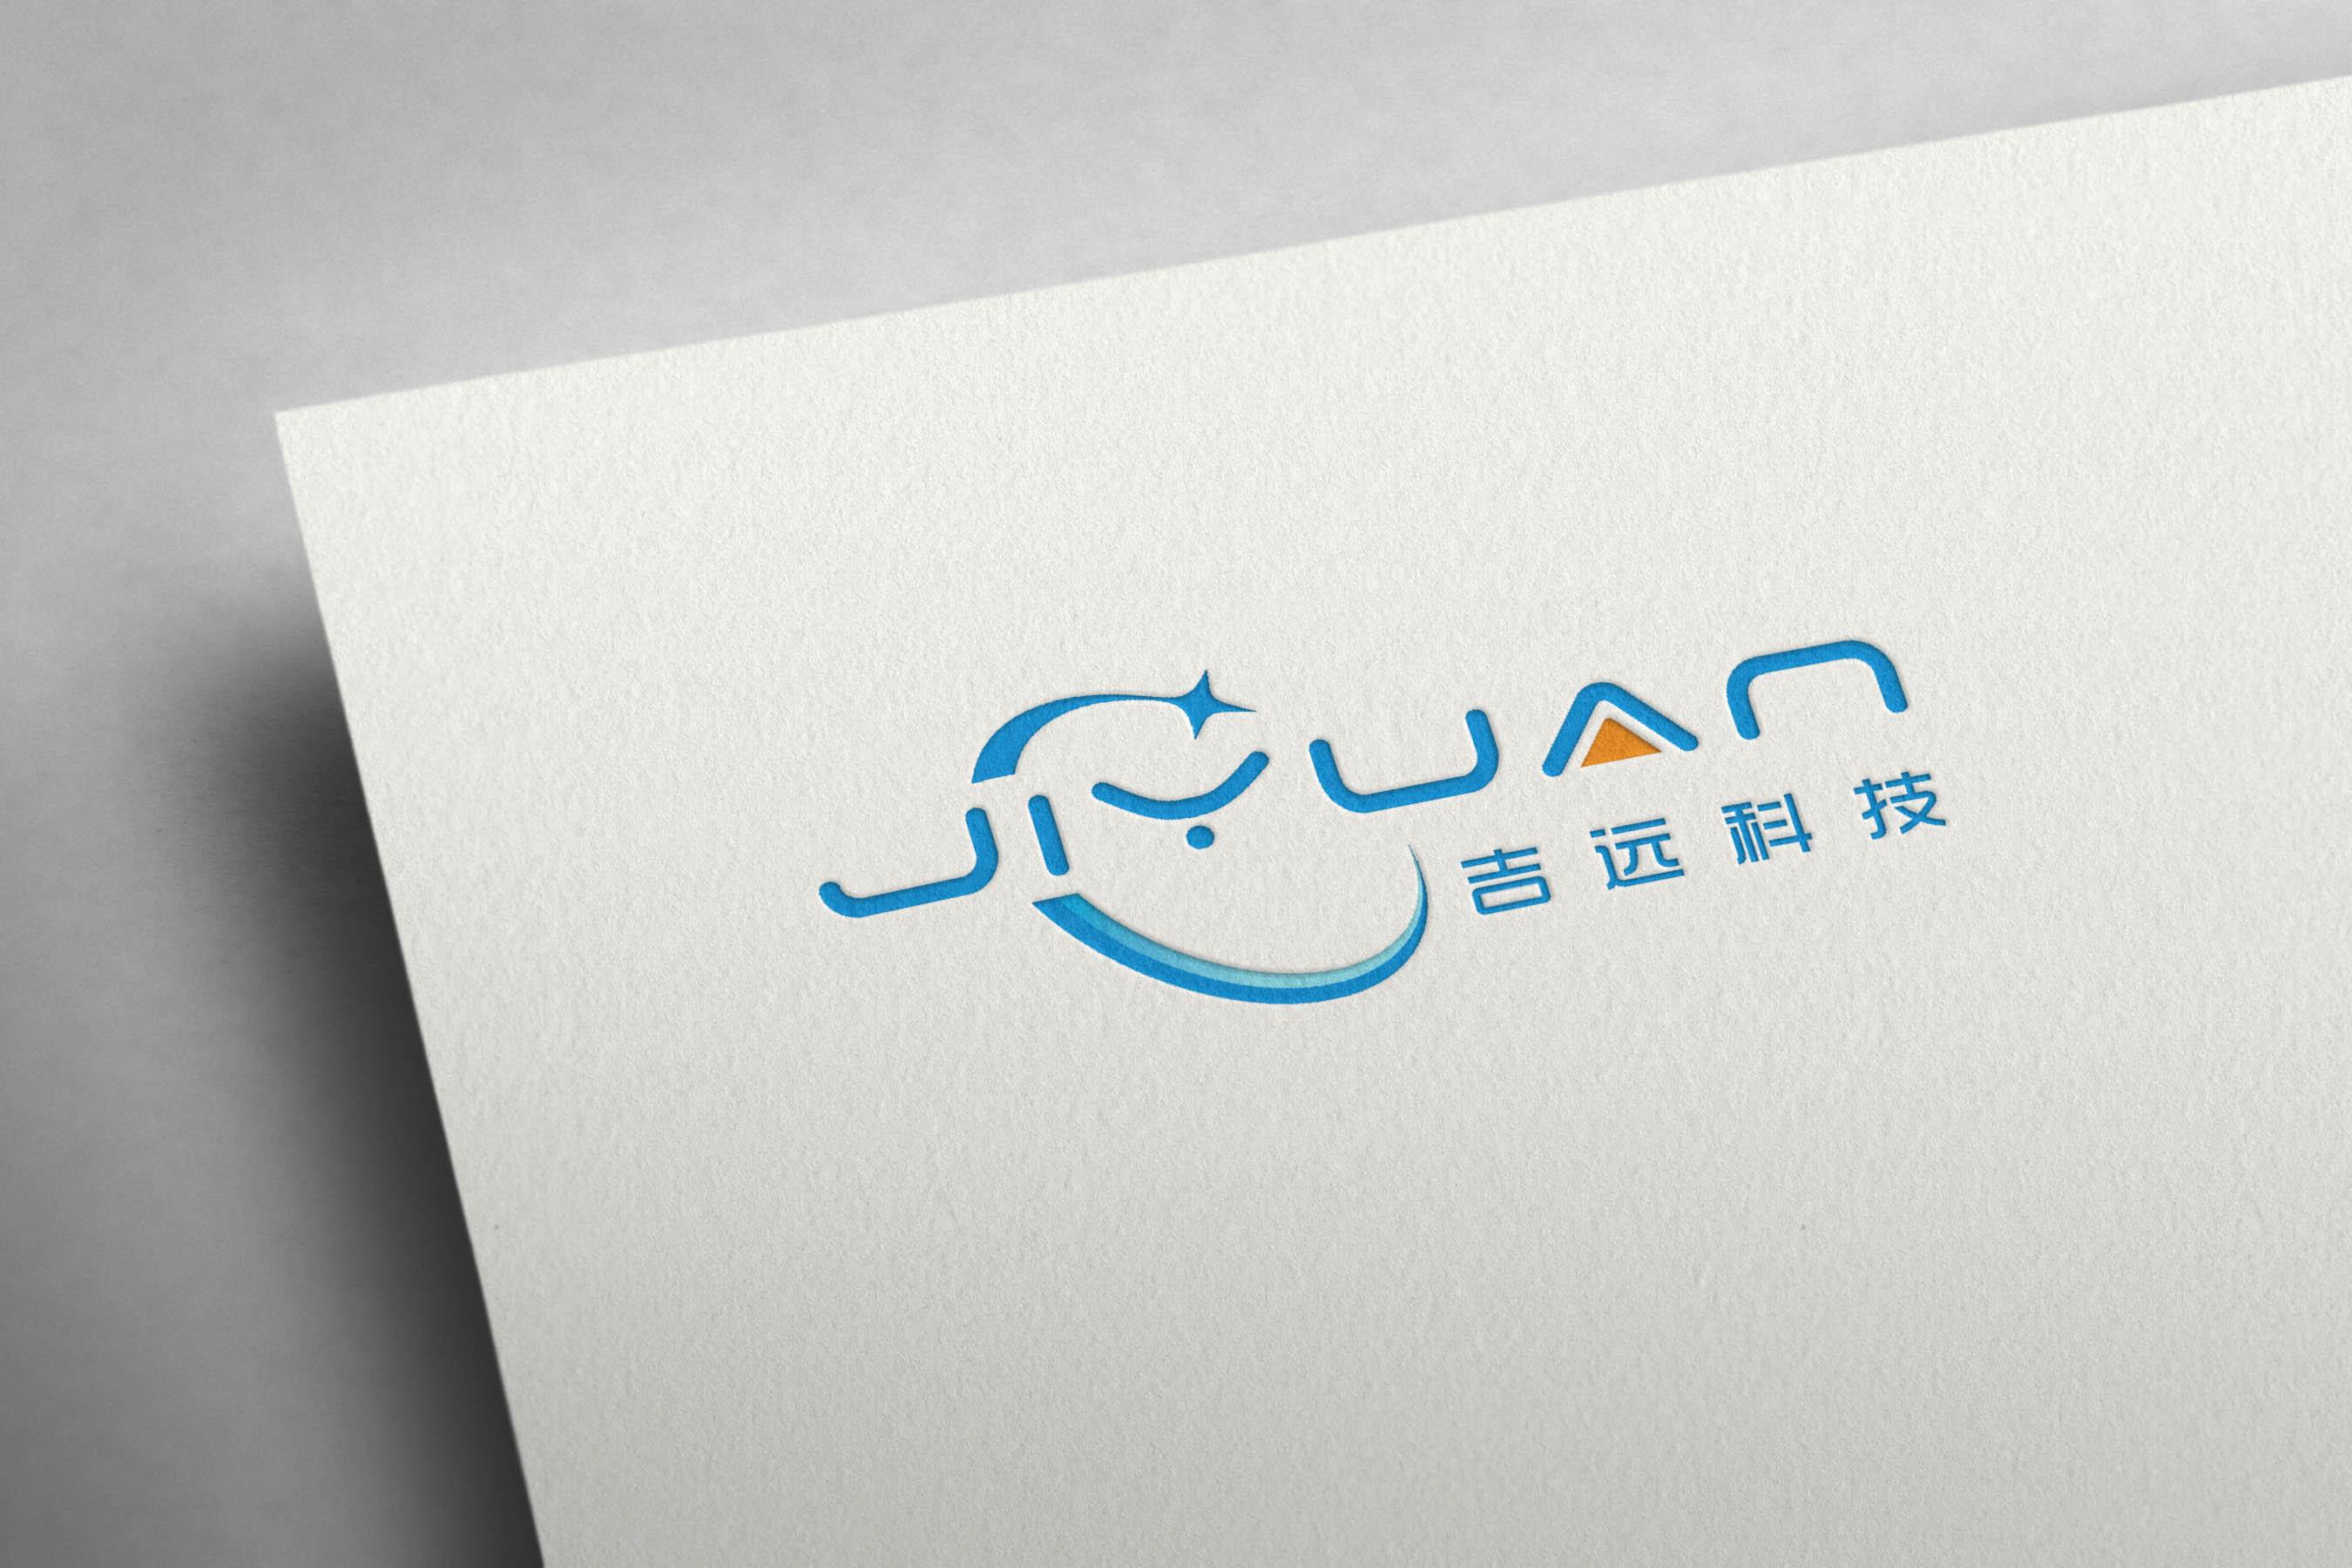 智能硬件公司Logo设计_2963398_k68威客网